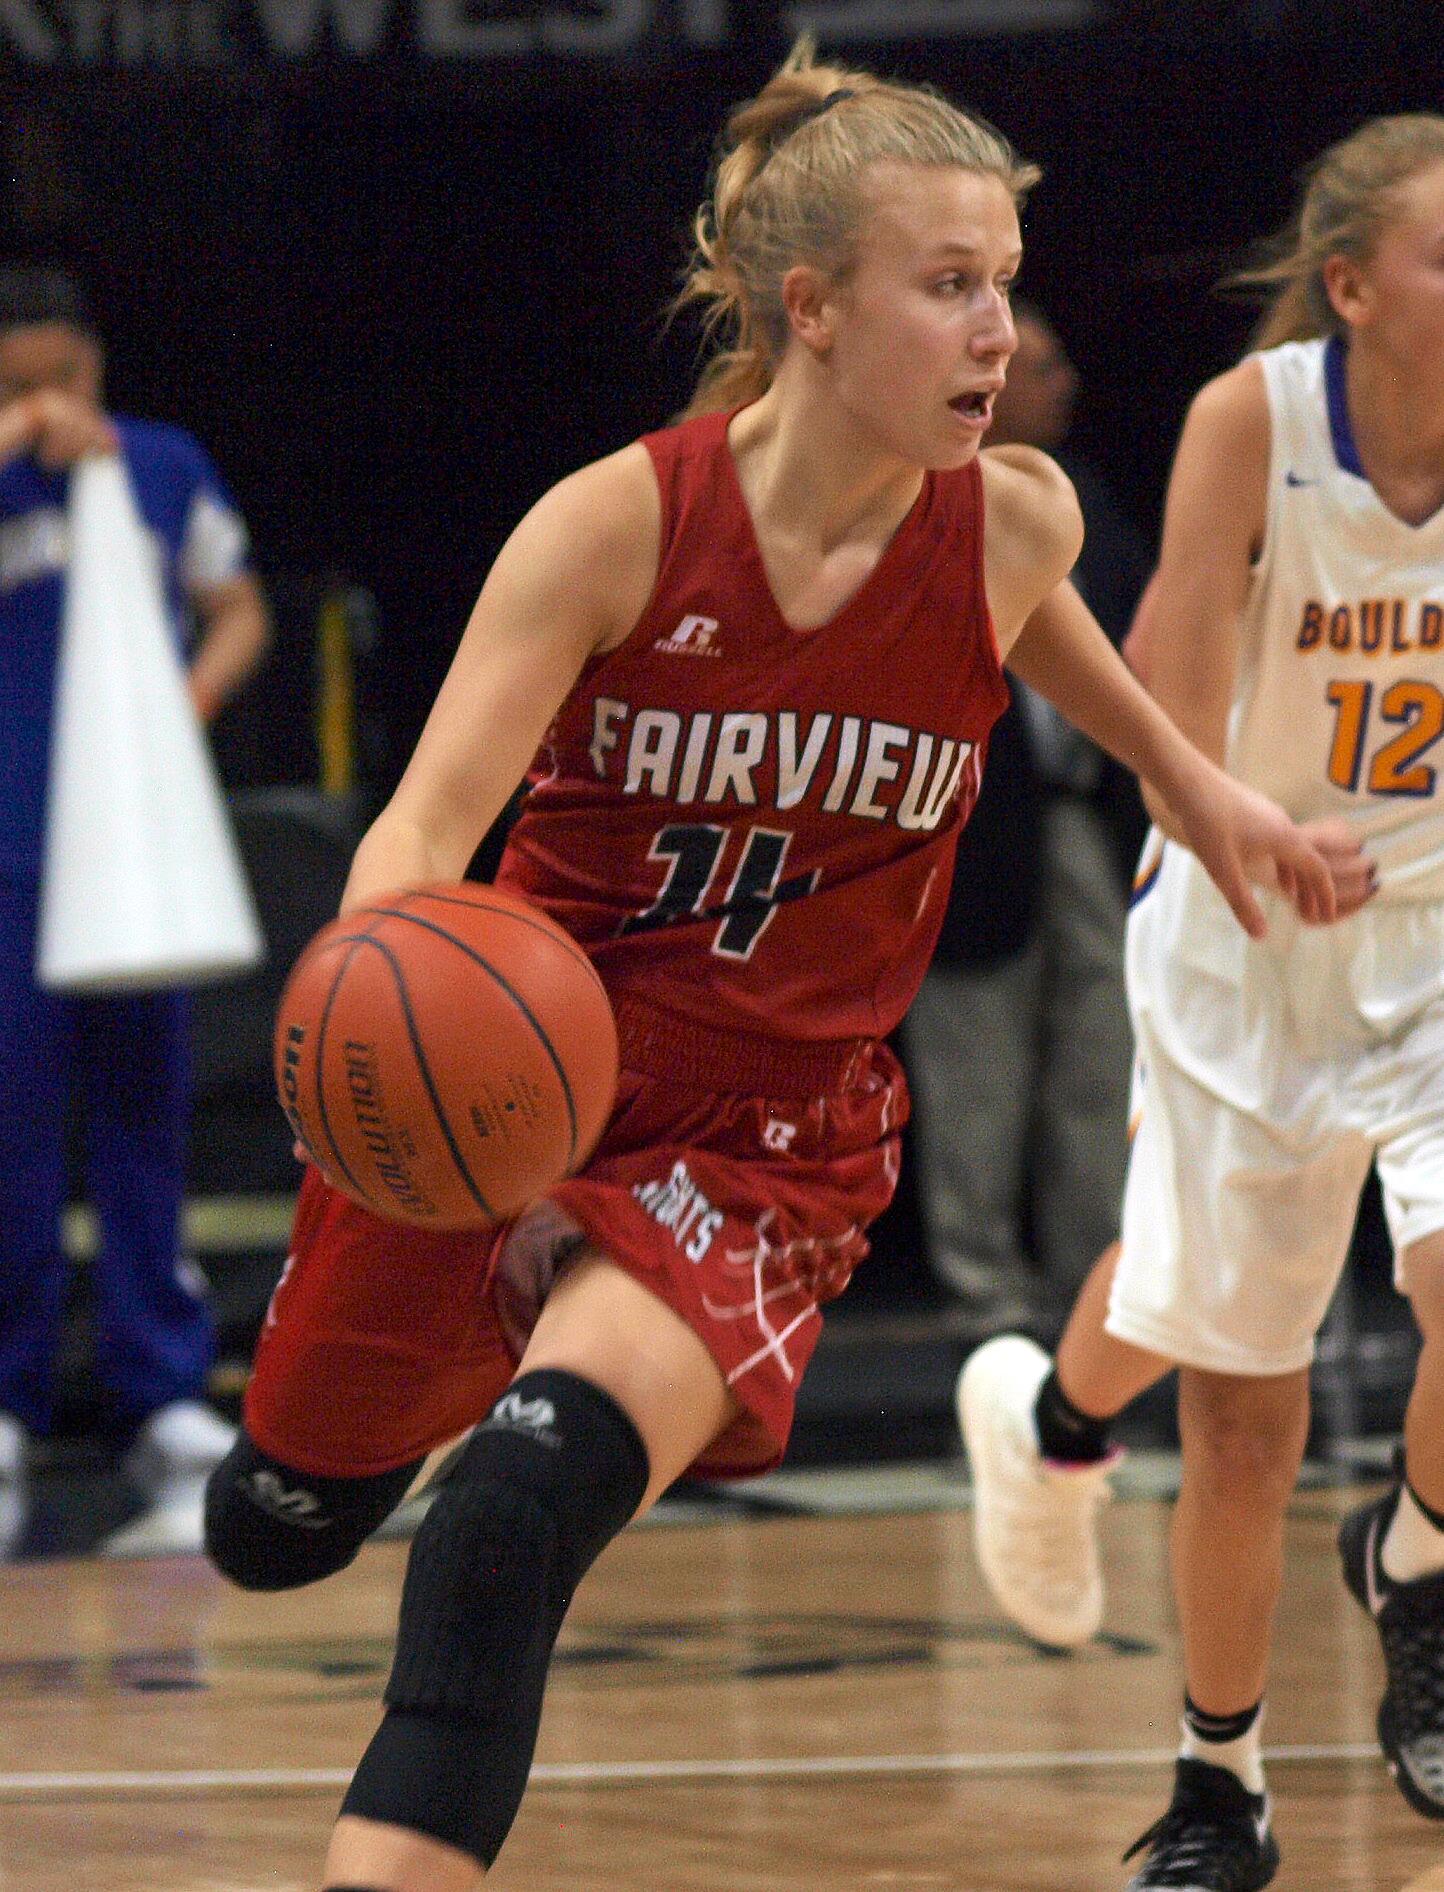 Fairview High School Gt Girls Basketball Gt Photo Gallery